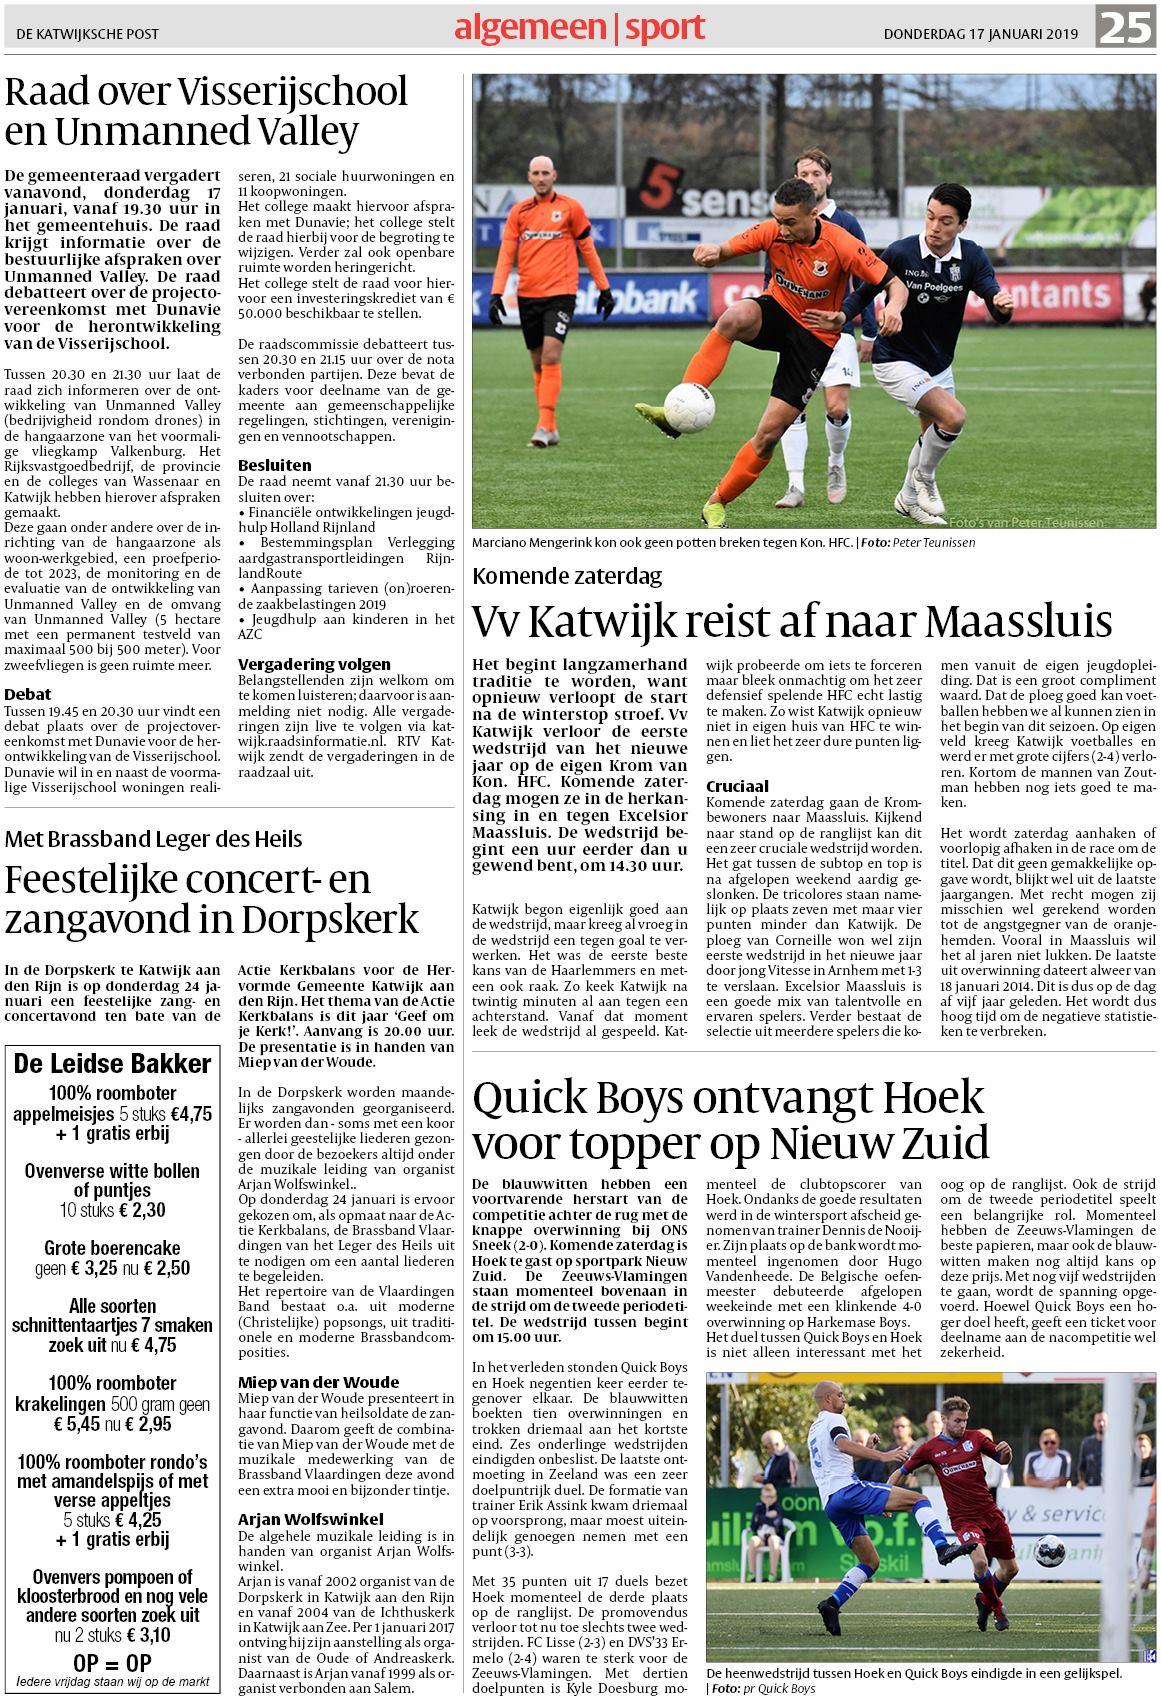 41d50bbb077 De Katwijksche Post 17 januari 2019